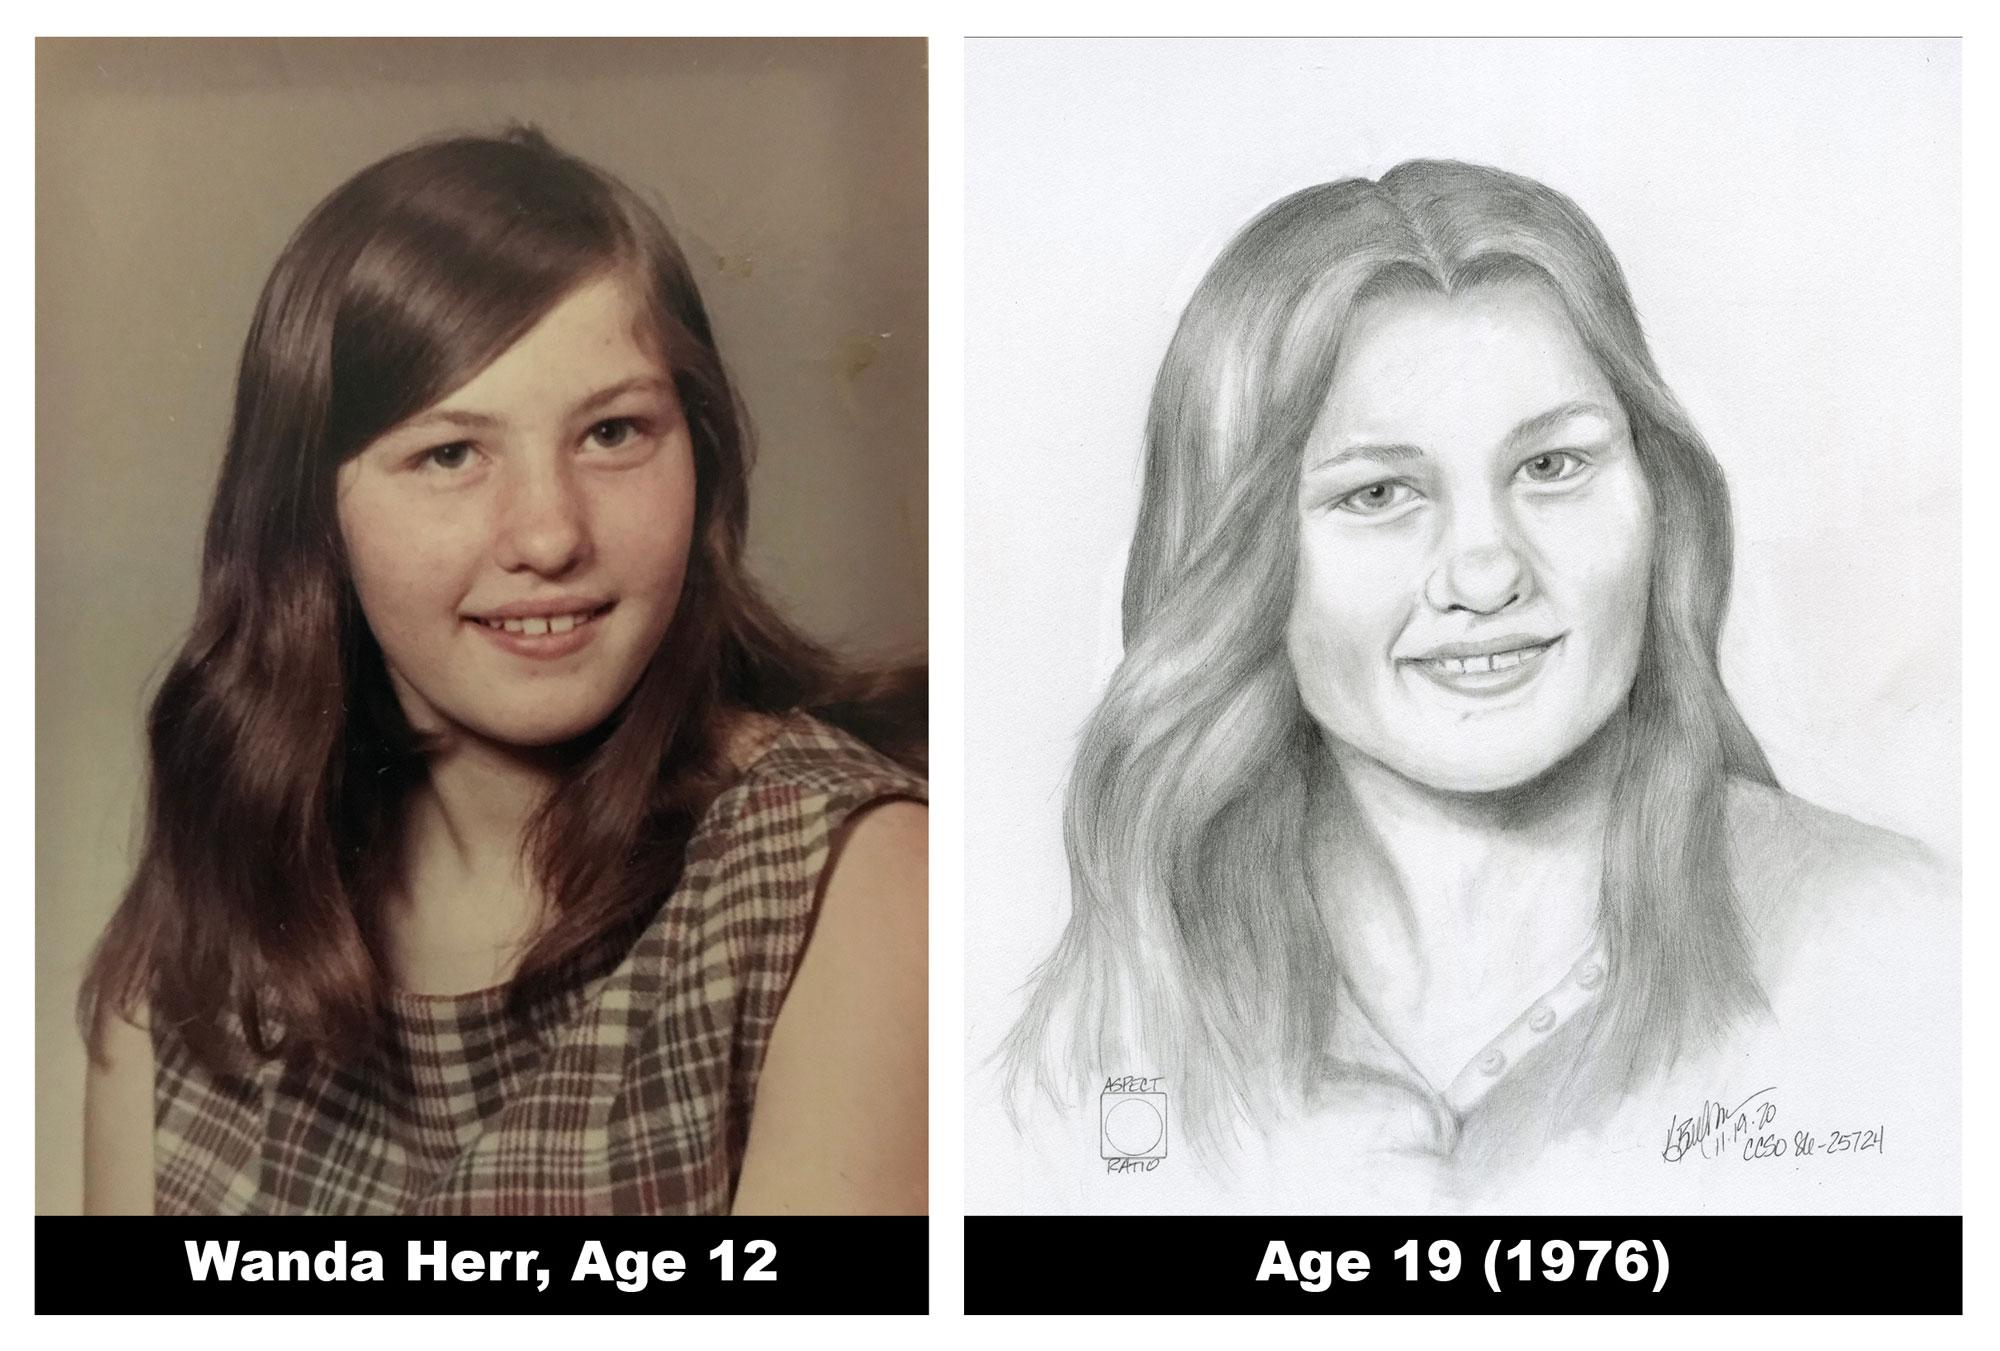 Wanda Herr: Age progression sketch